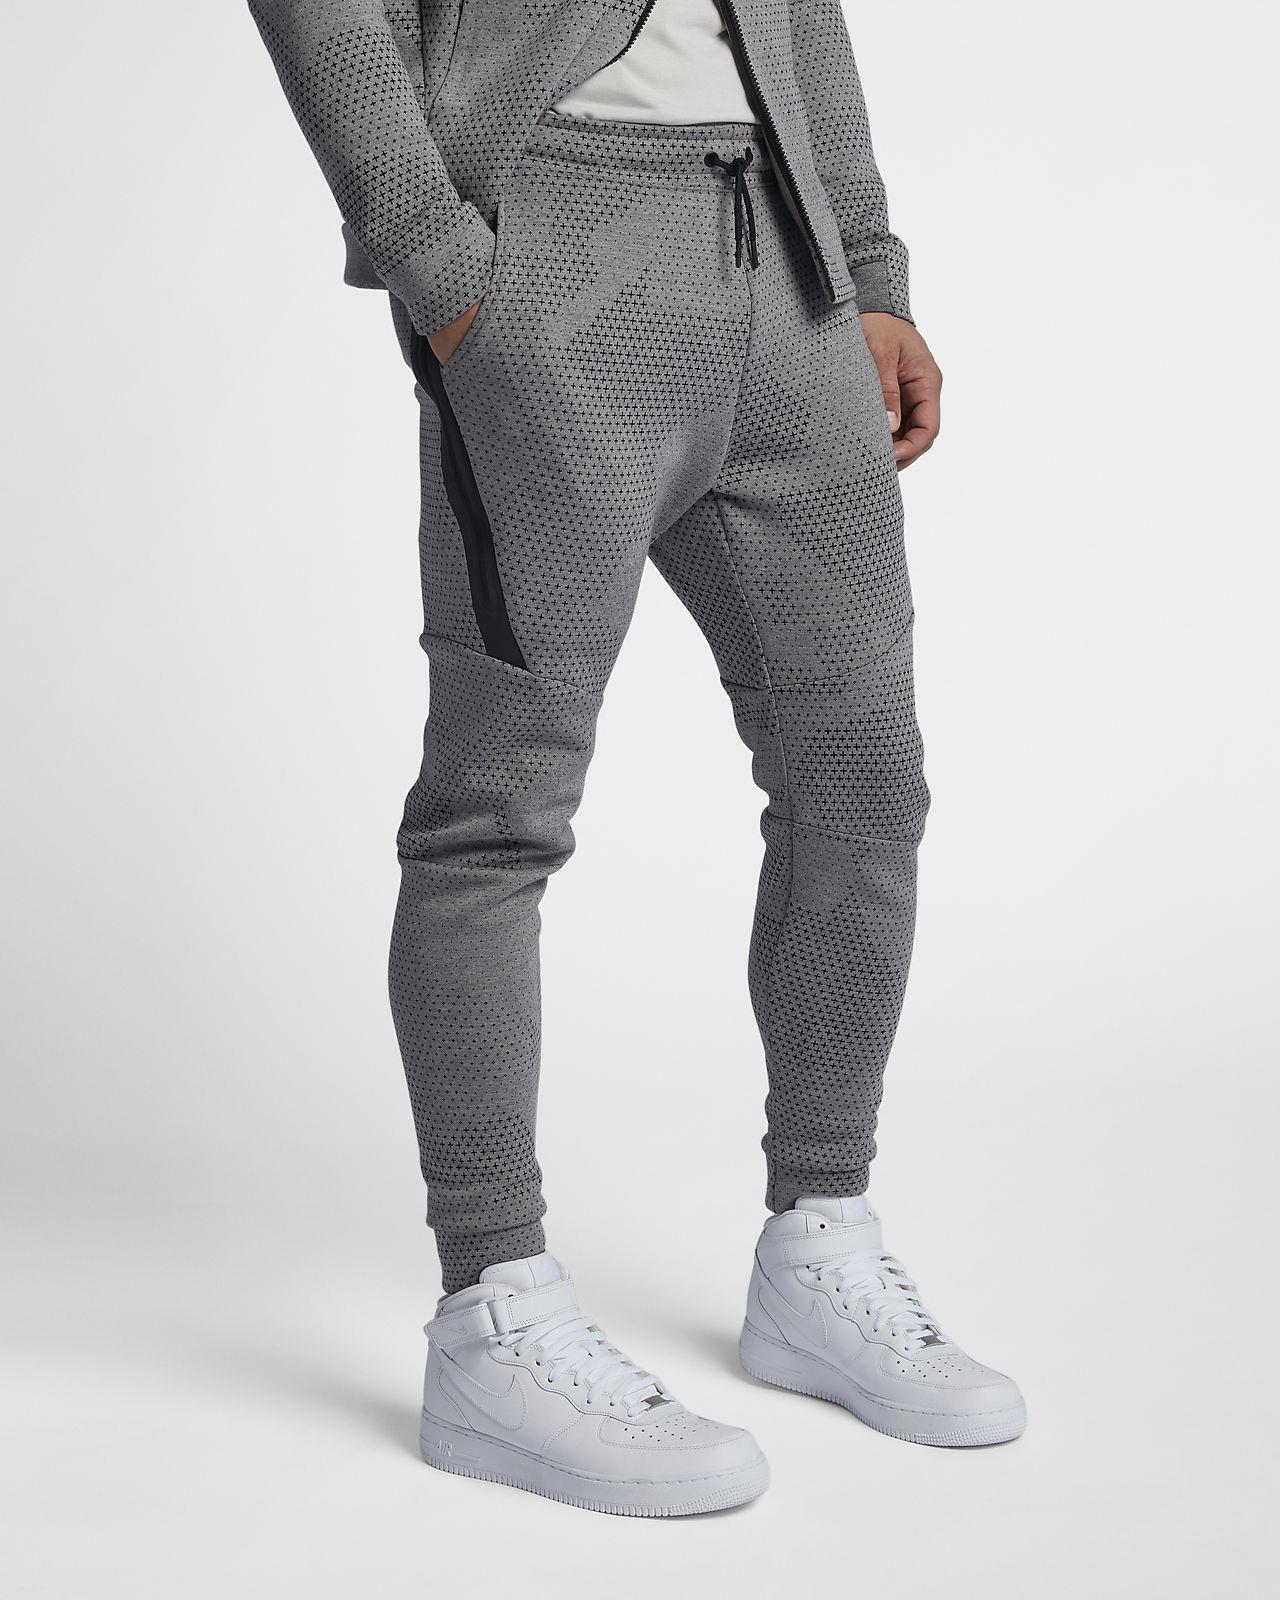 Nike sportswear tech fleece mens trousers